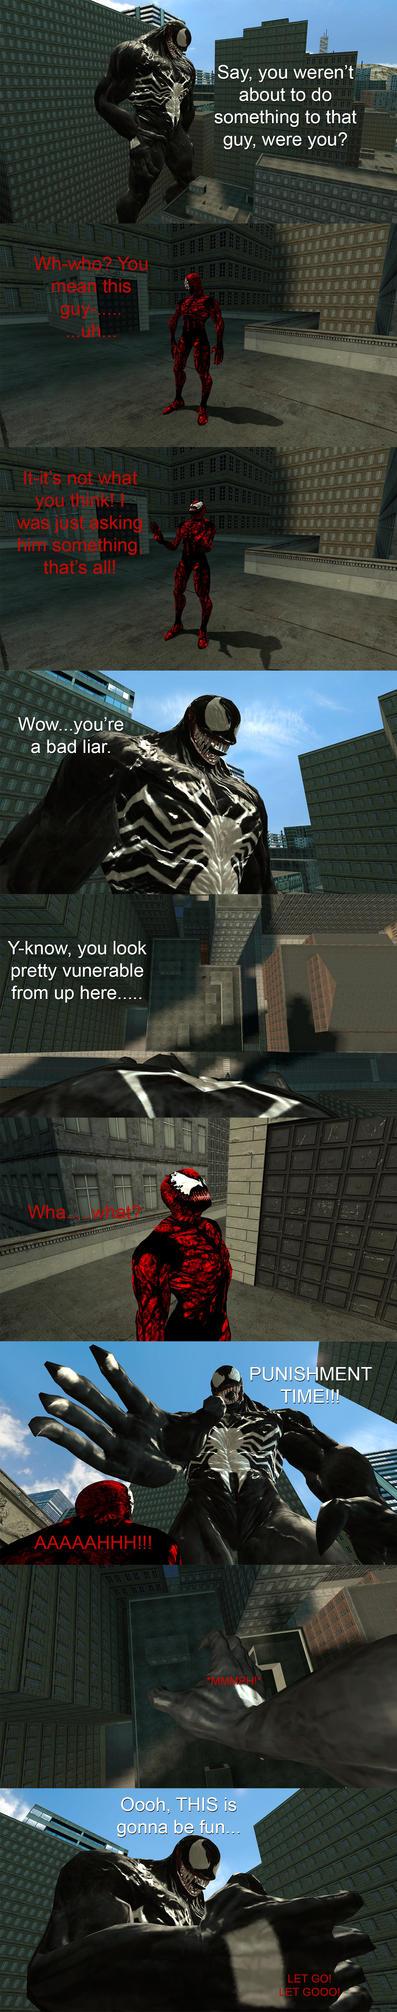 Spider-Man/Venom Growth Comic 18 by TitansCorner